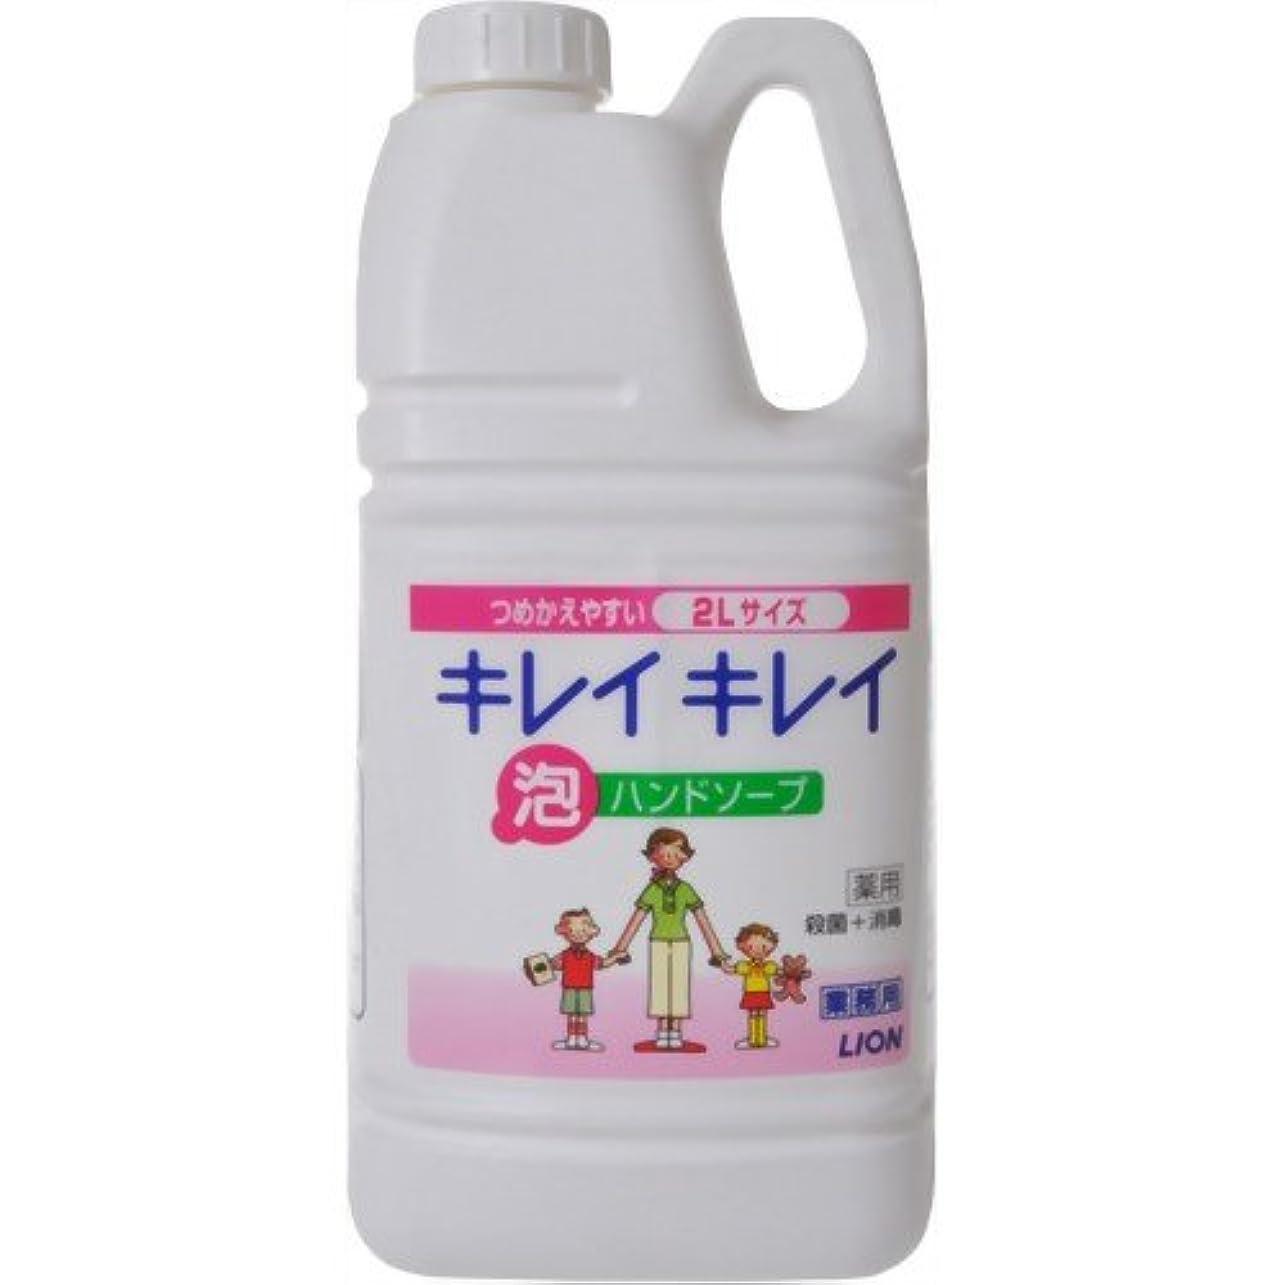 気がついて作る牧師キレイキレイ薬用泡ハンドソープ2L(業務用)